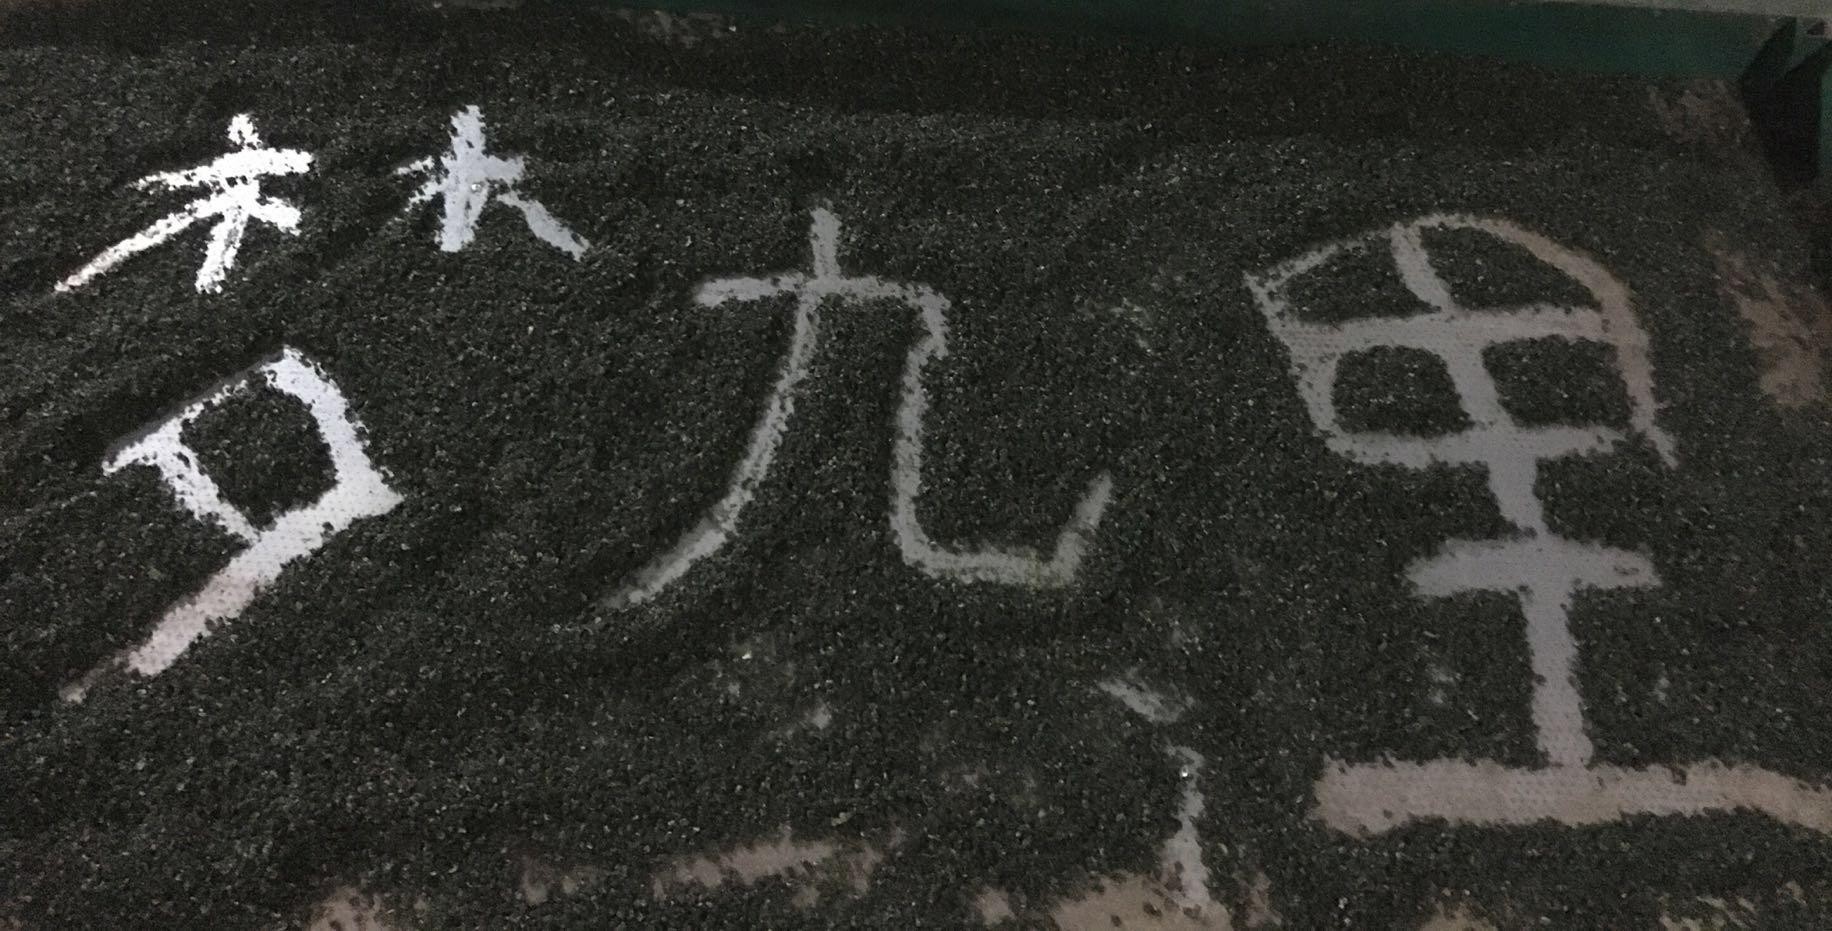 420桃源红茶节暨世界品茶周